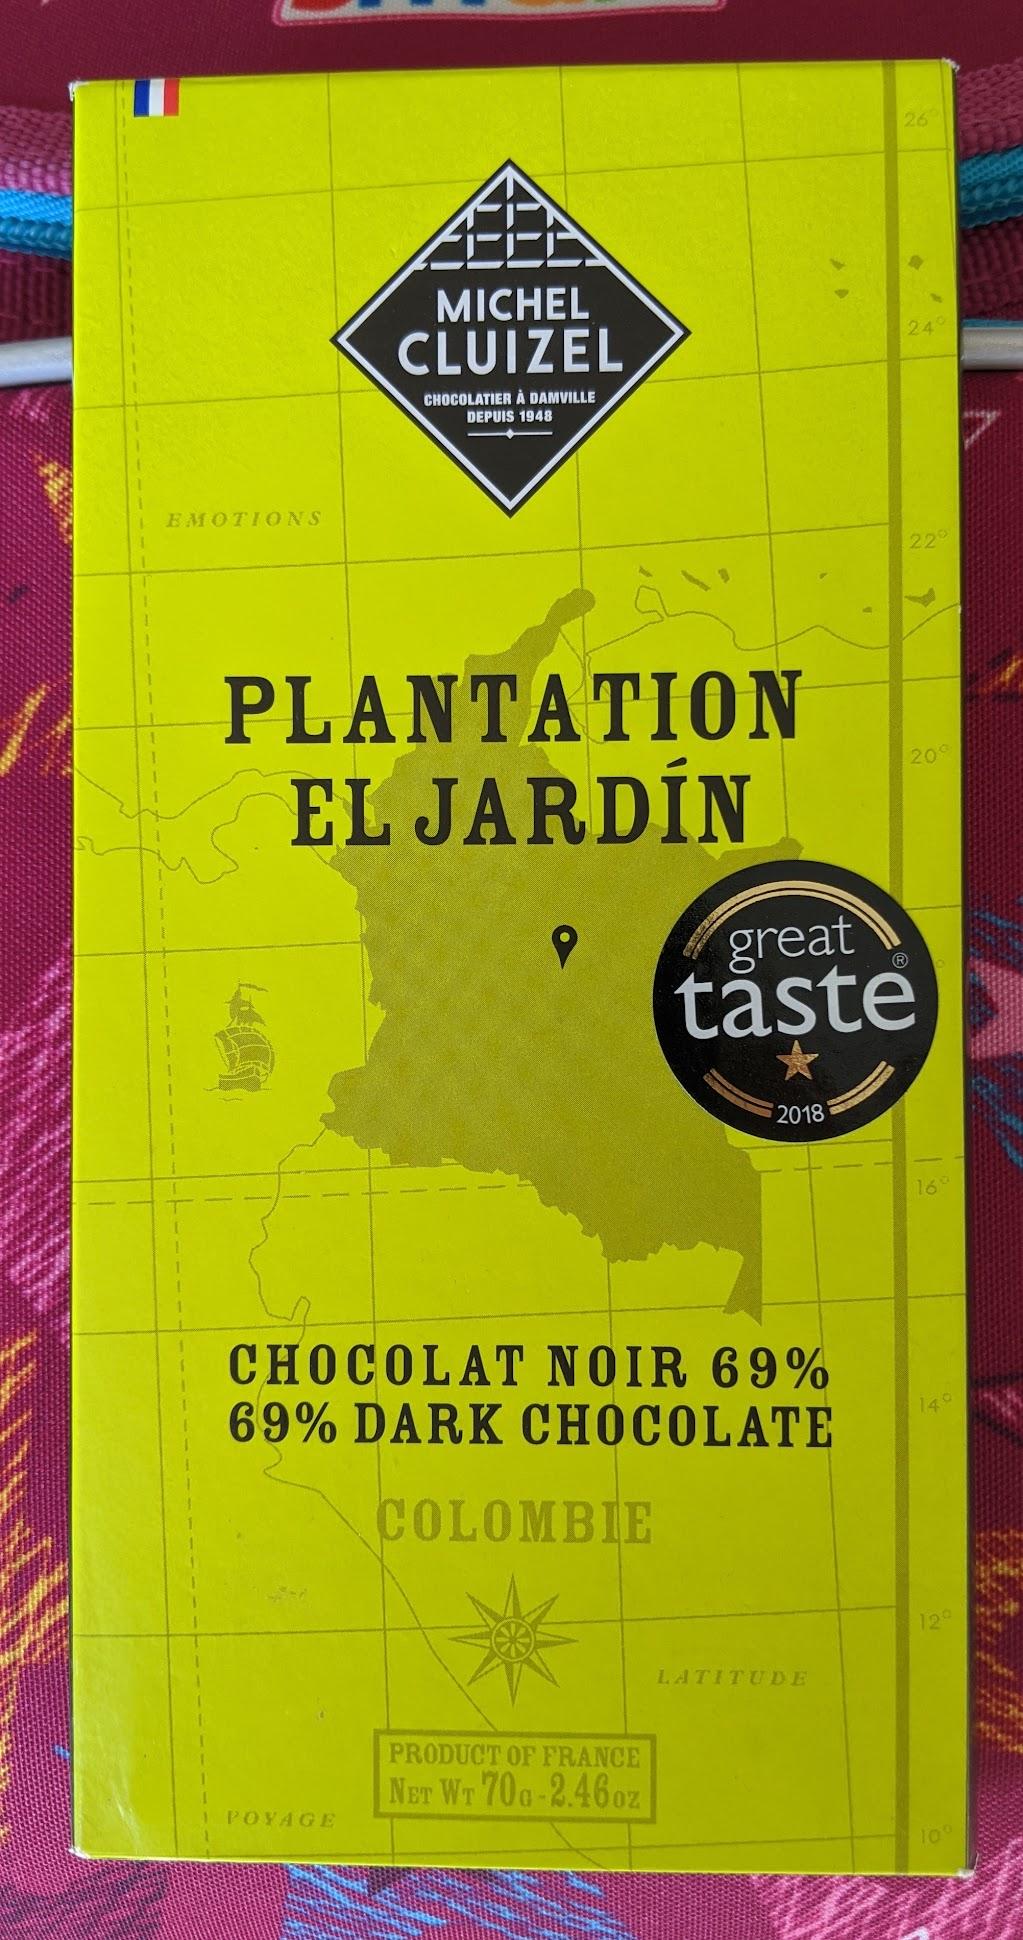 69% cluizel colombian bar